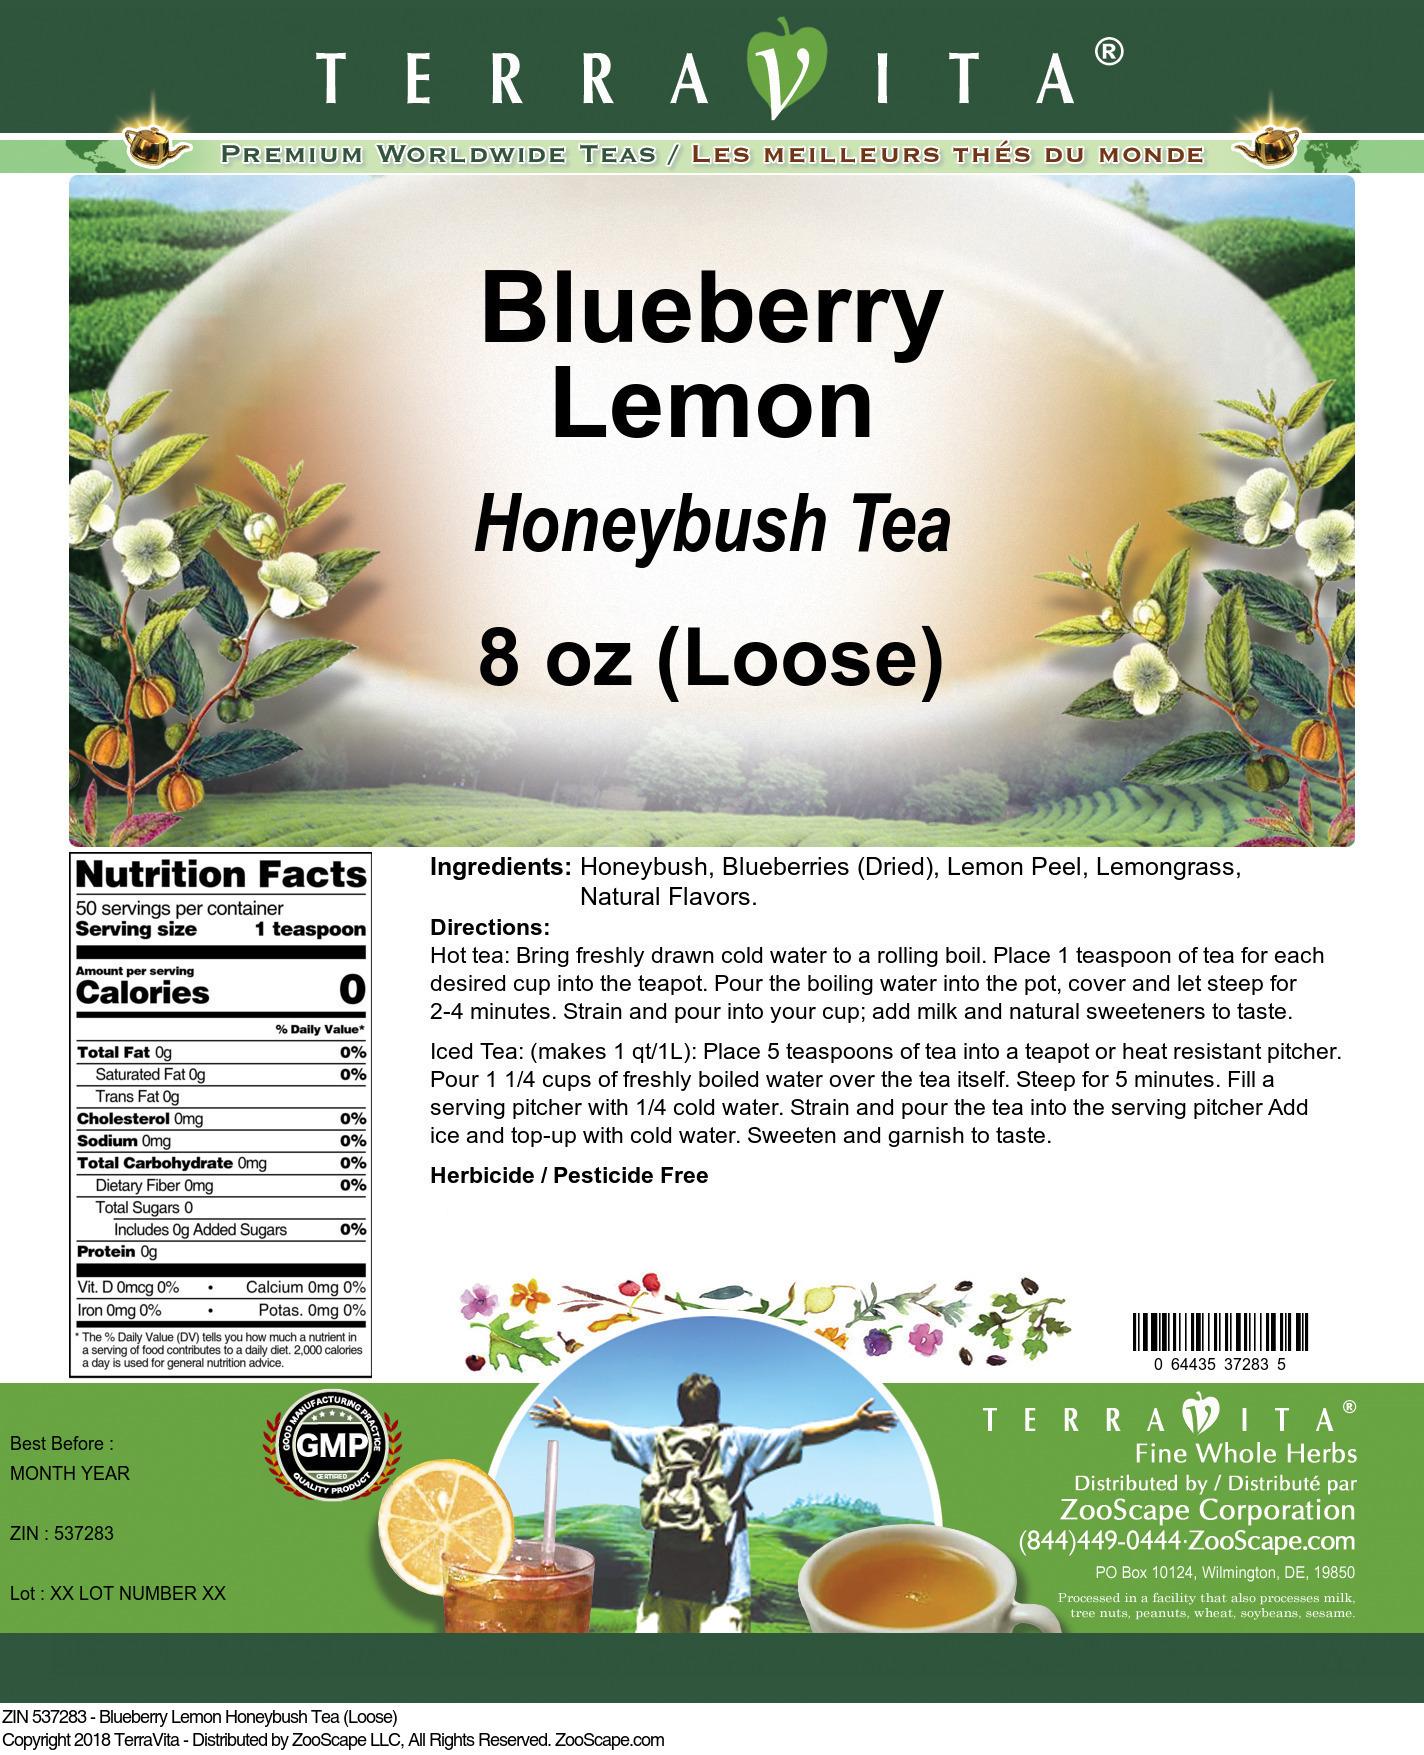 Blueberry Lemon Honeybush Tea (Loose)